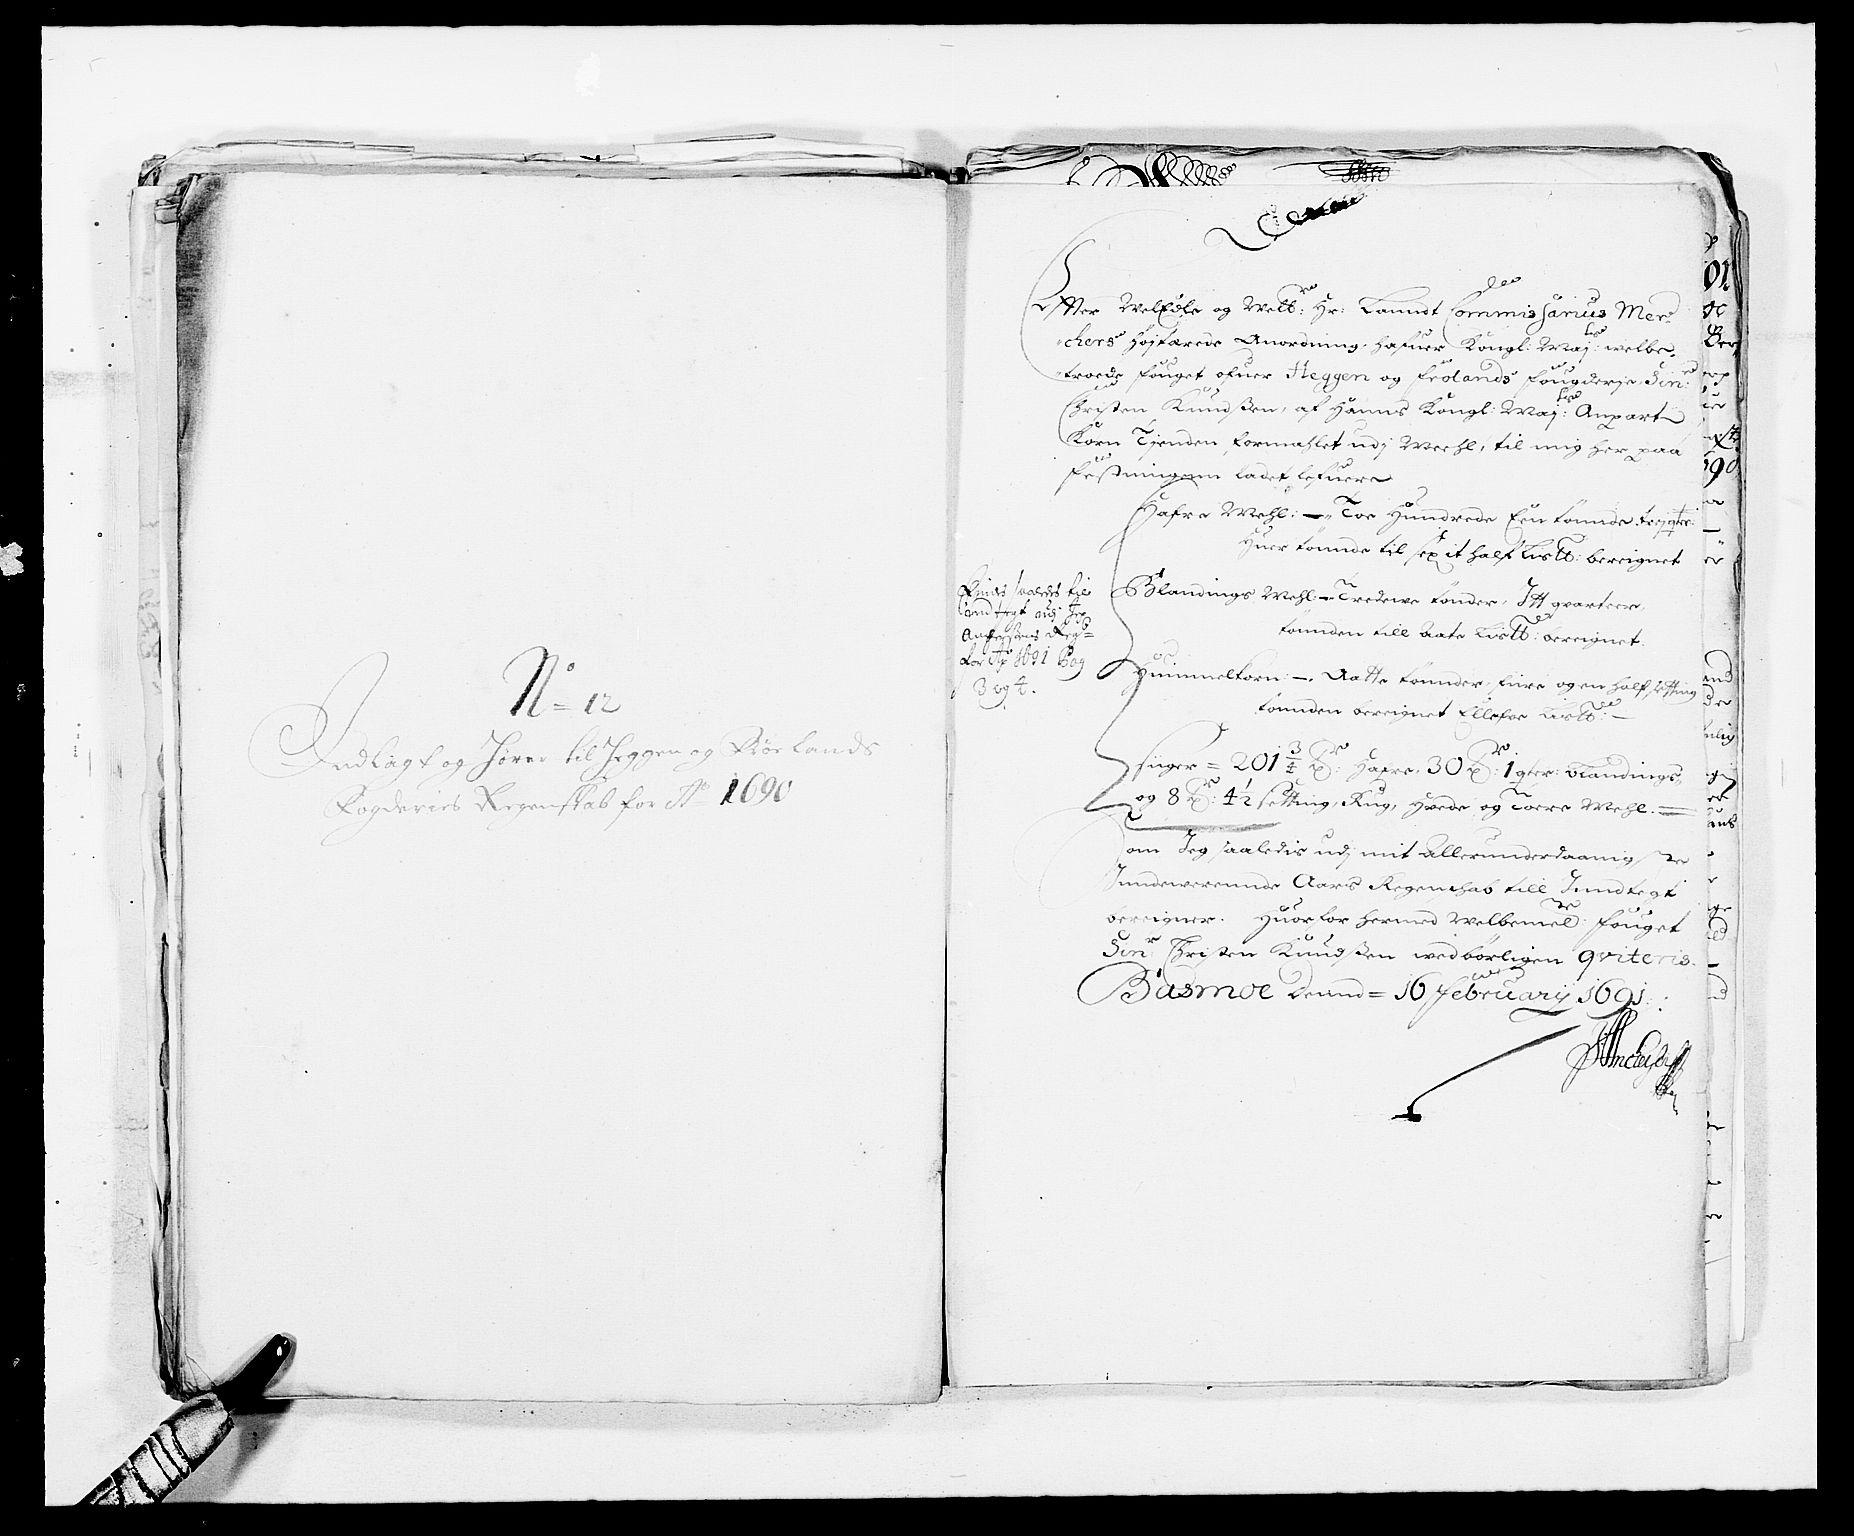 RA, Rentekammeret inntil 1814, Reviderte regnskaper, Fogderegnskap, R06/L0282: Fogderegnskap Heggen og Frøland, 1687-1690, s. 284